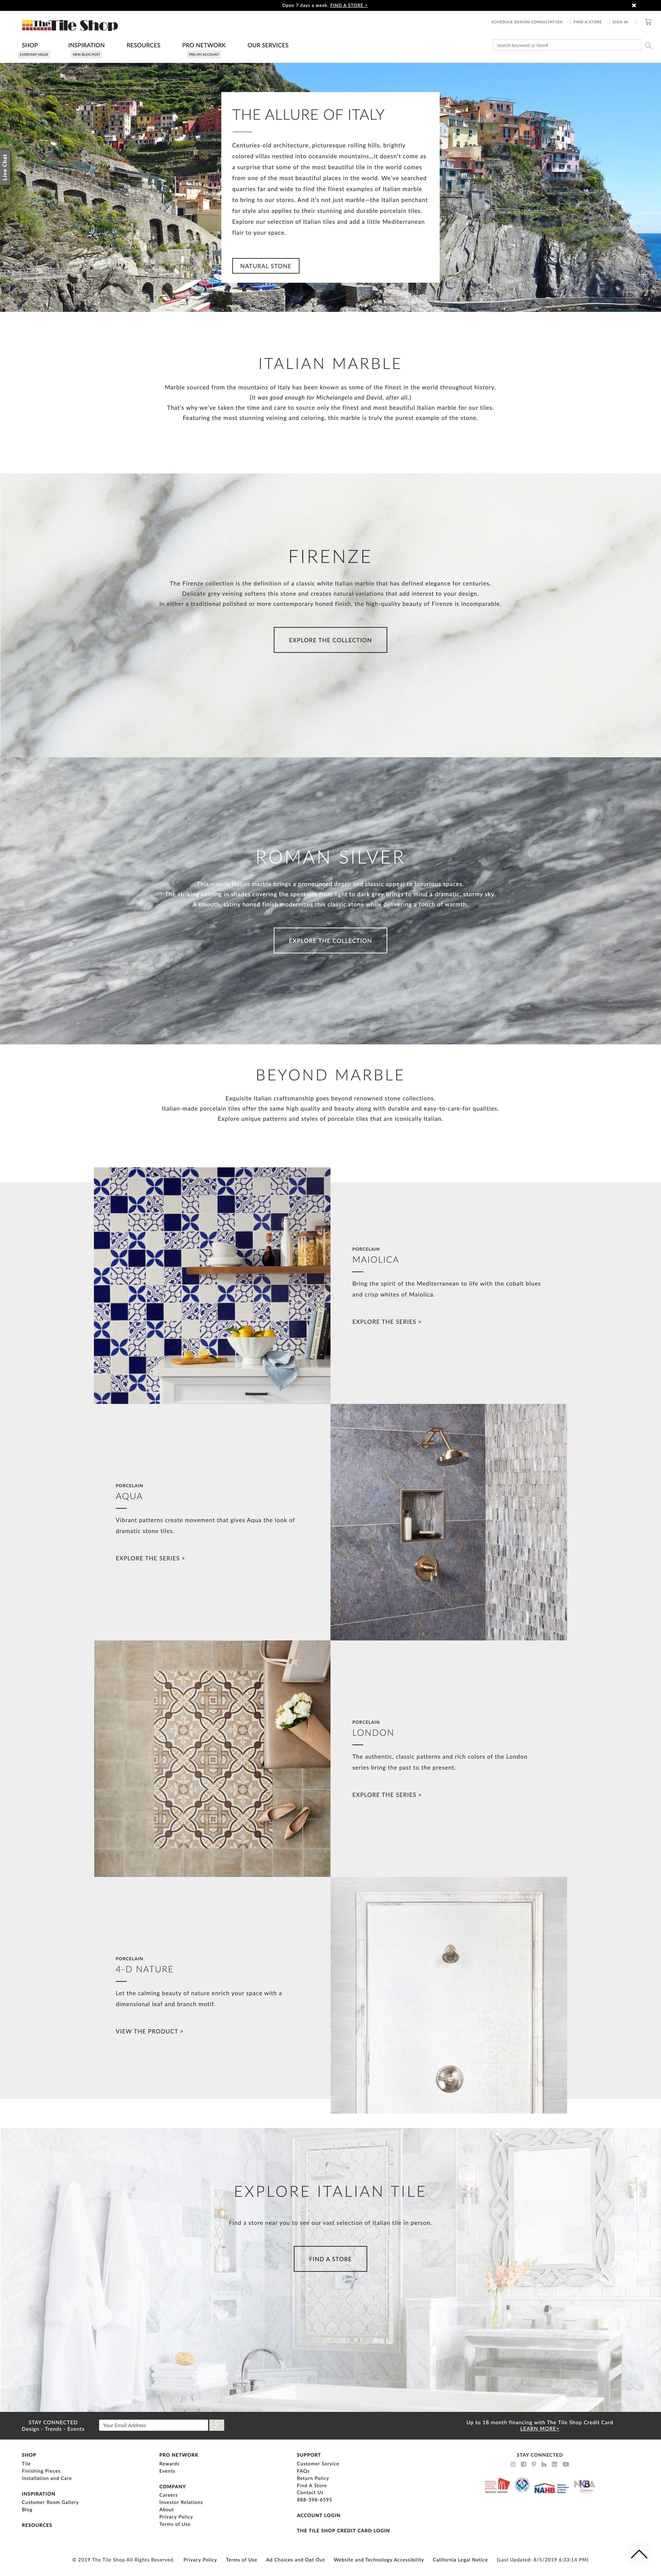 Italian Tile for Elle Decor, March 2019